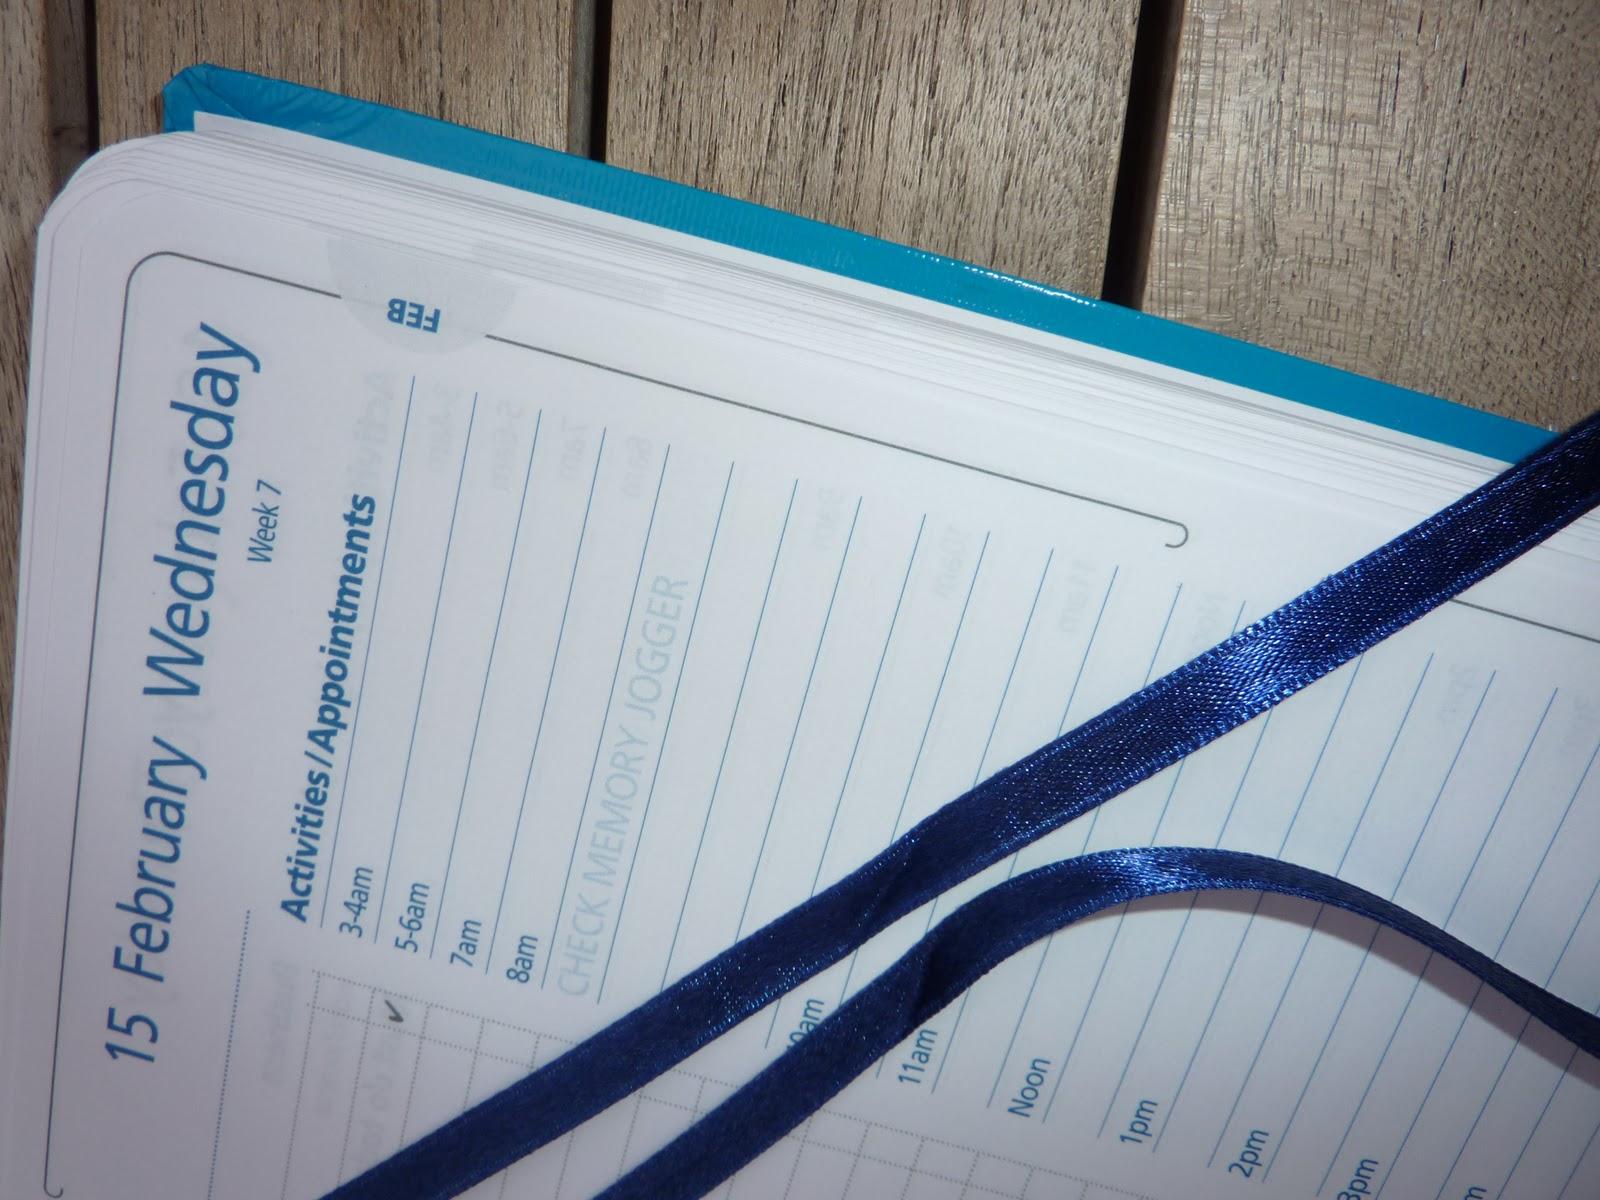 Plannerisms: December 2011